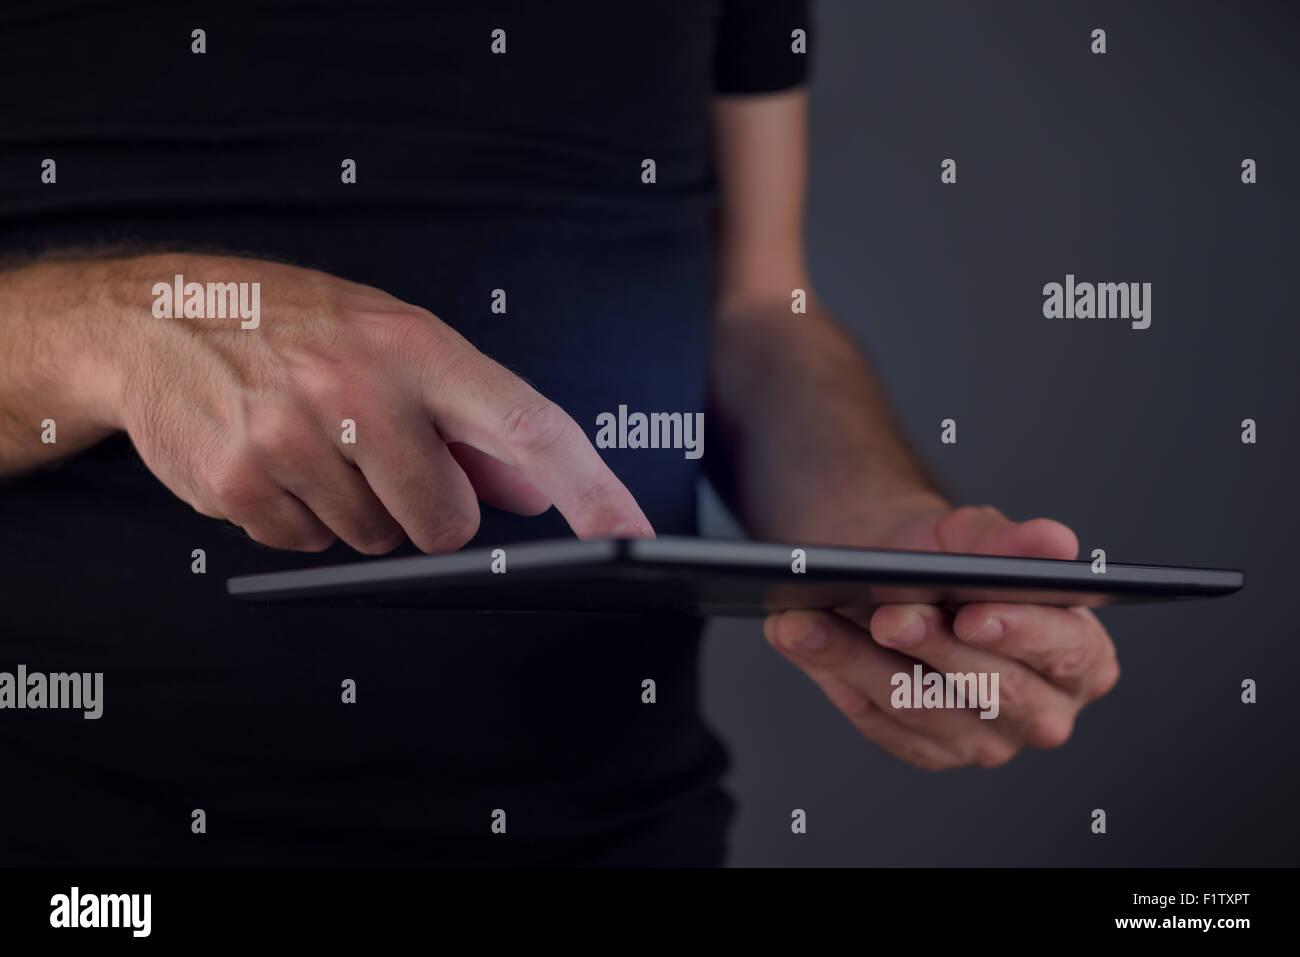 L'utilisation de l'ordinateur tablette numérique, l'homme touchant l'écran tactile de la technologie de l'électronique Banque D'Images